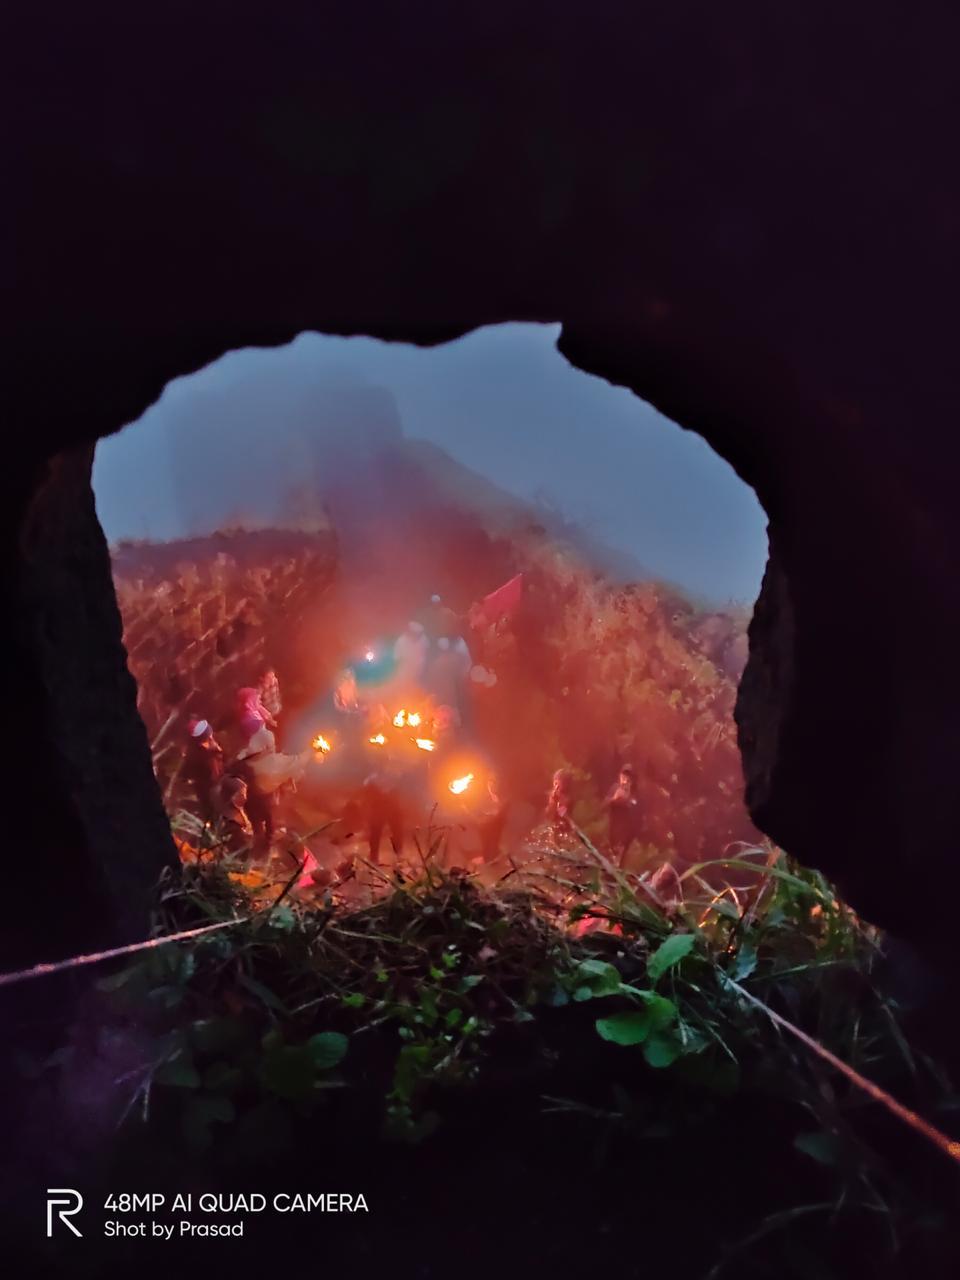 सर्वप्रथम राजगडावर स्वच्छता मोहीमेत सर्वांनी सहभाग घेतला. त्यानंतर रात्री पद्मावती देवीच्या मंदिरात जागरण गोंधळाचे आयोजन करण्यात आले होते.